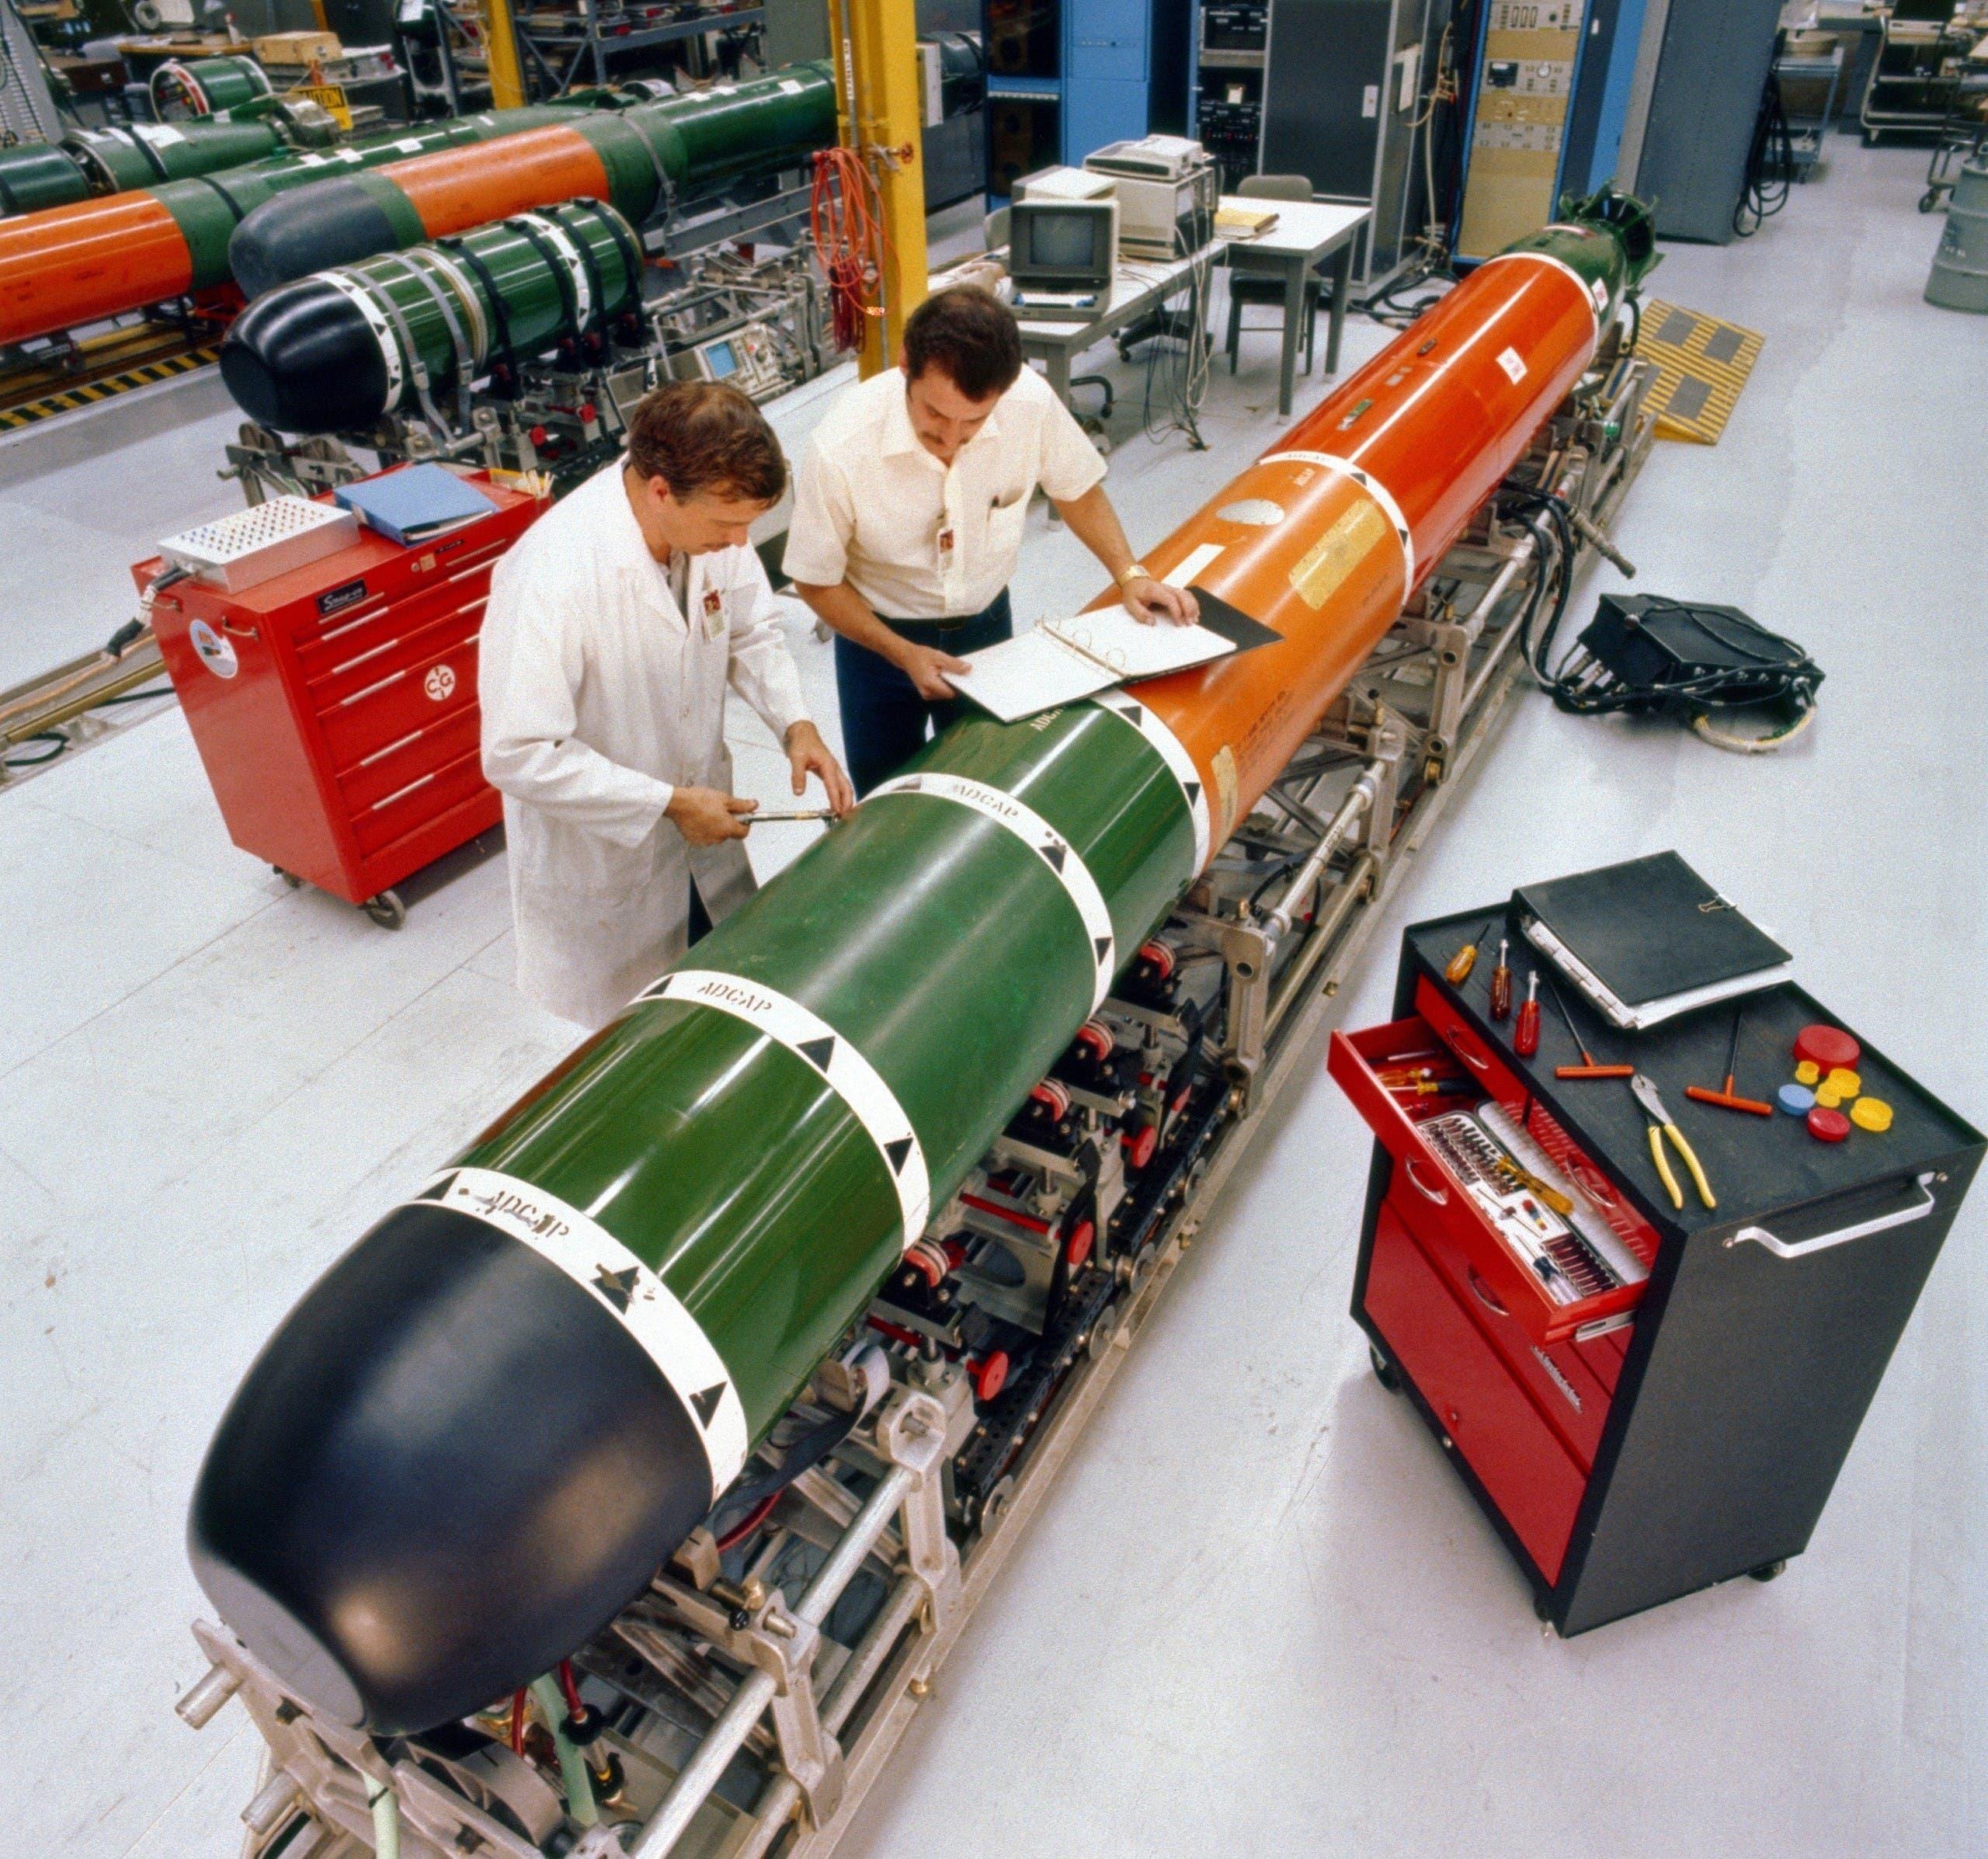 Mk 48 torpedo maintenance